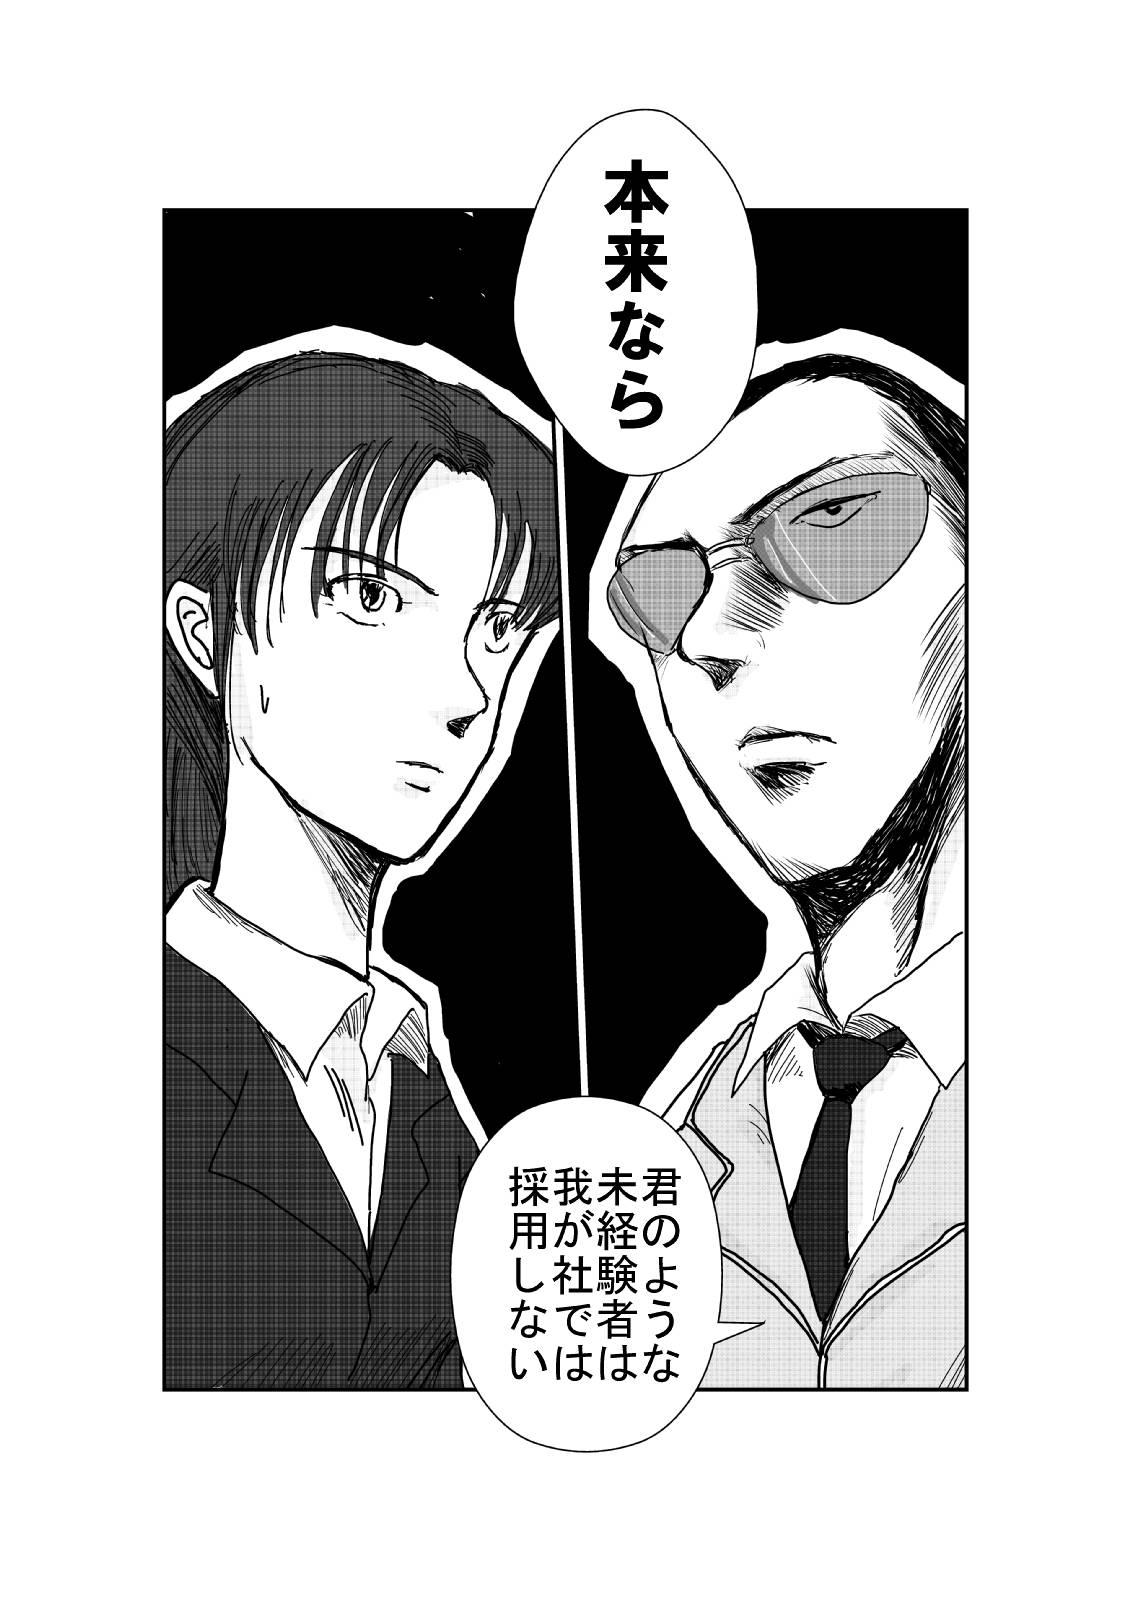 円城京一と遠藤ユキ  漫画『アスファルト上のニーチェ』1P